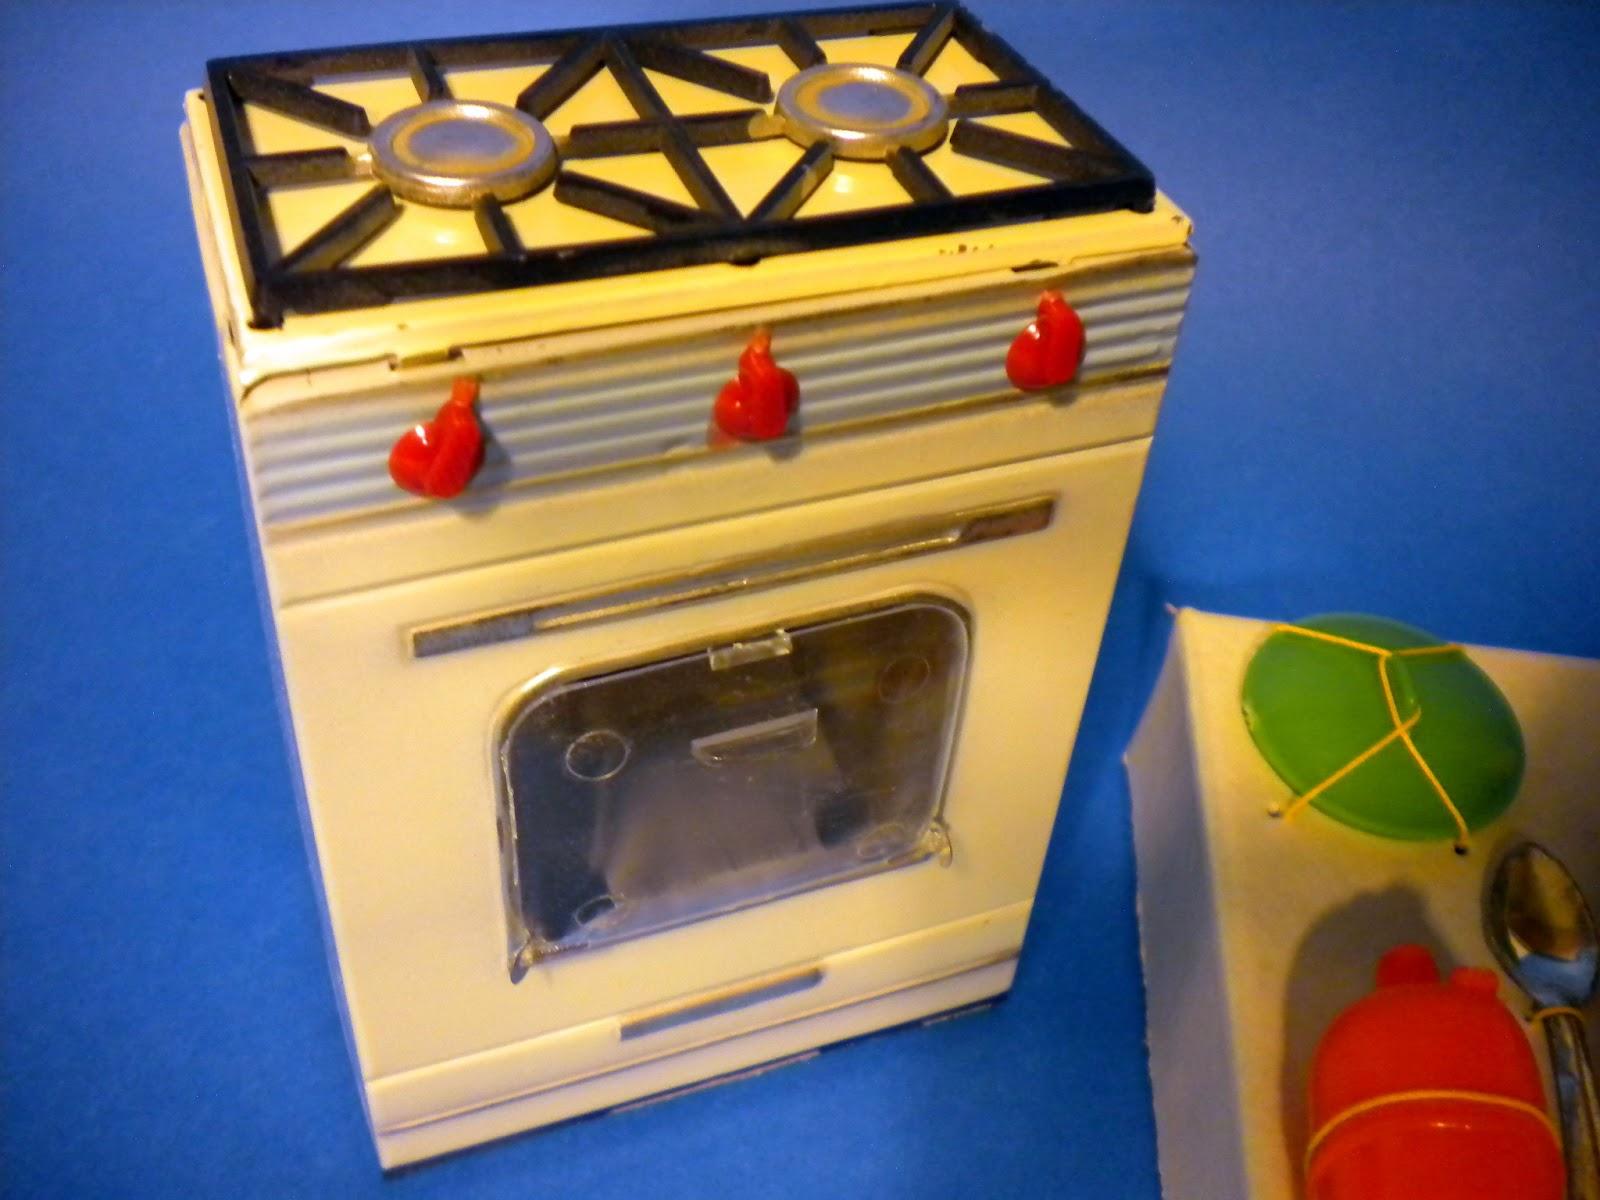 Juguetes jugados tem tico cocina de pay y utensilios for Cocina de carton